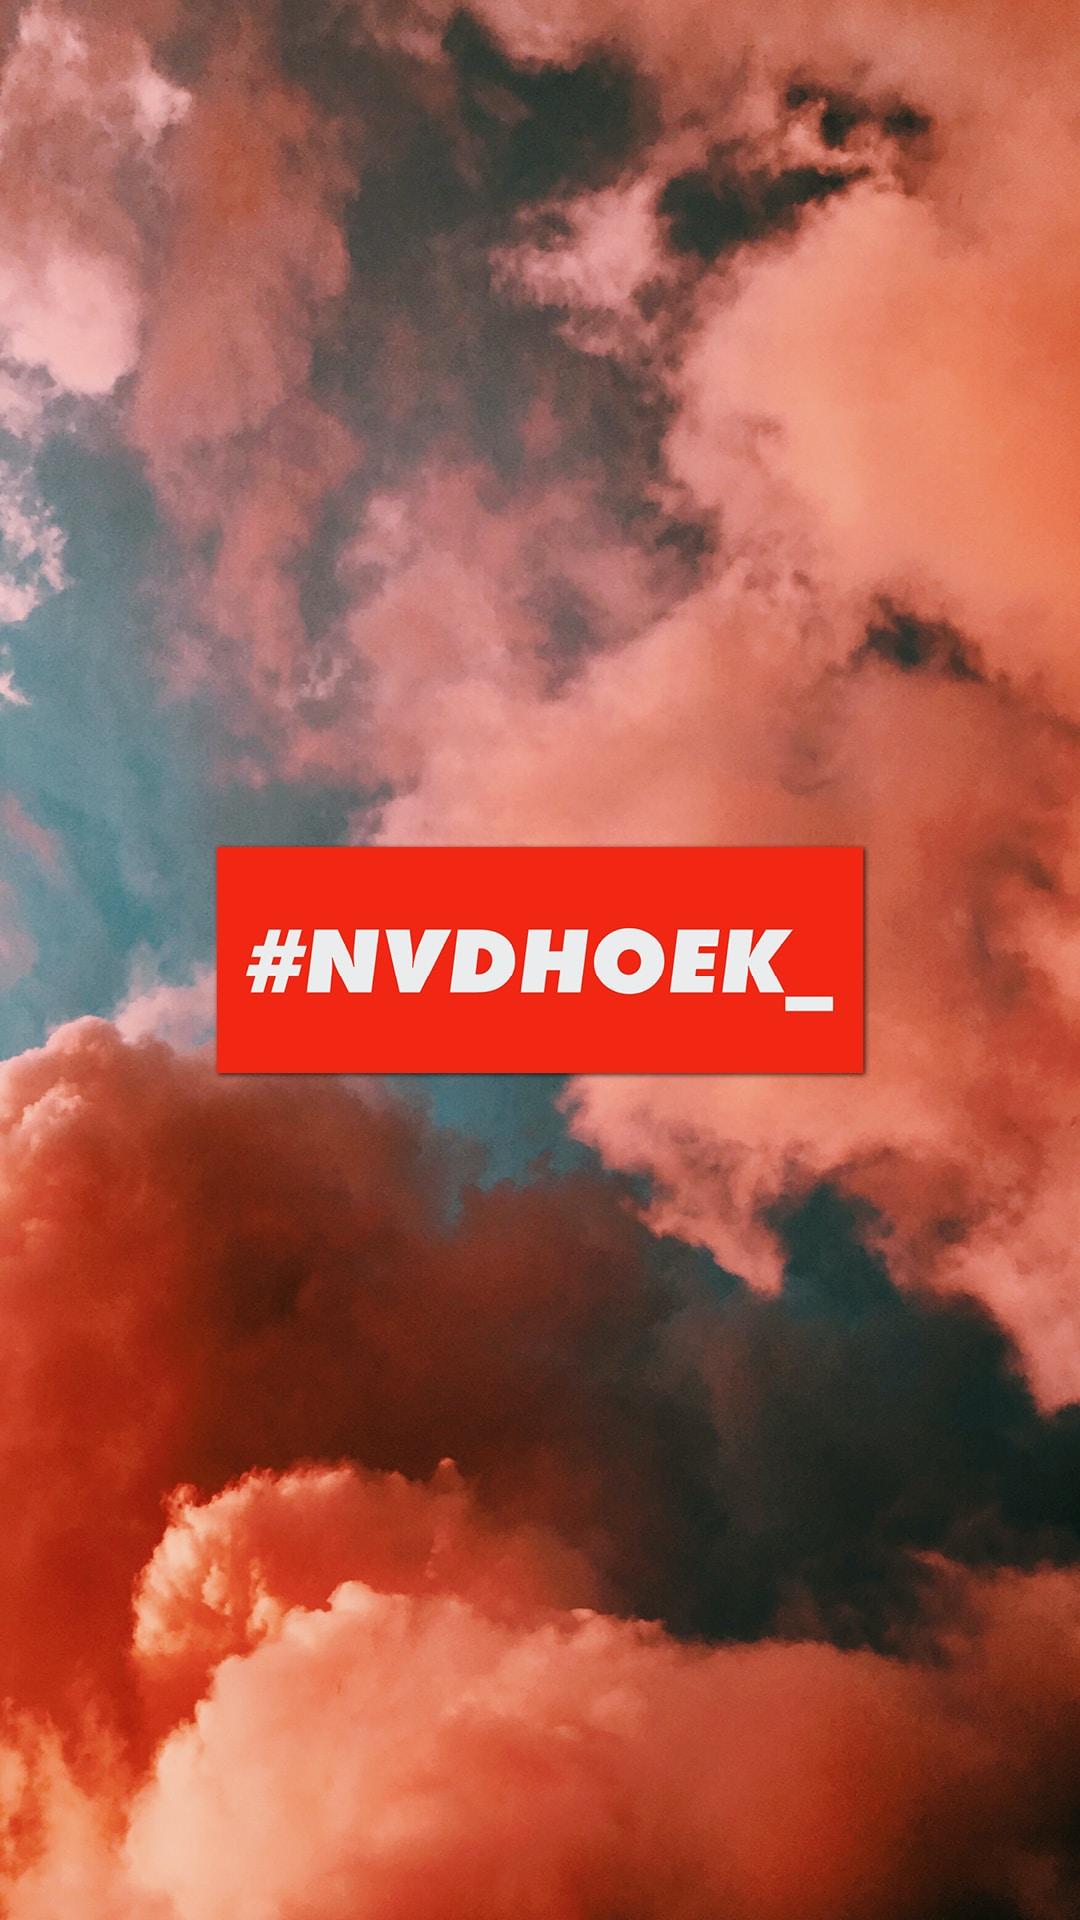 Go to Nick van der Hoek's profile